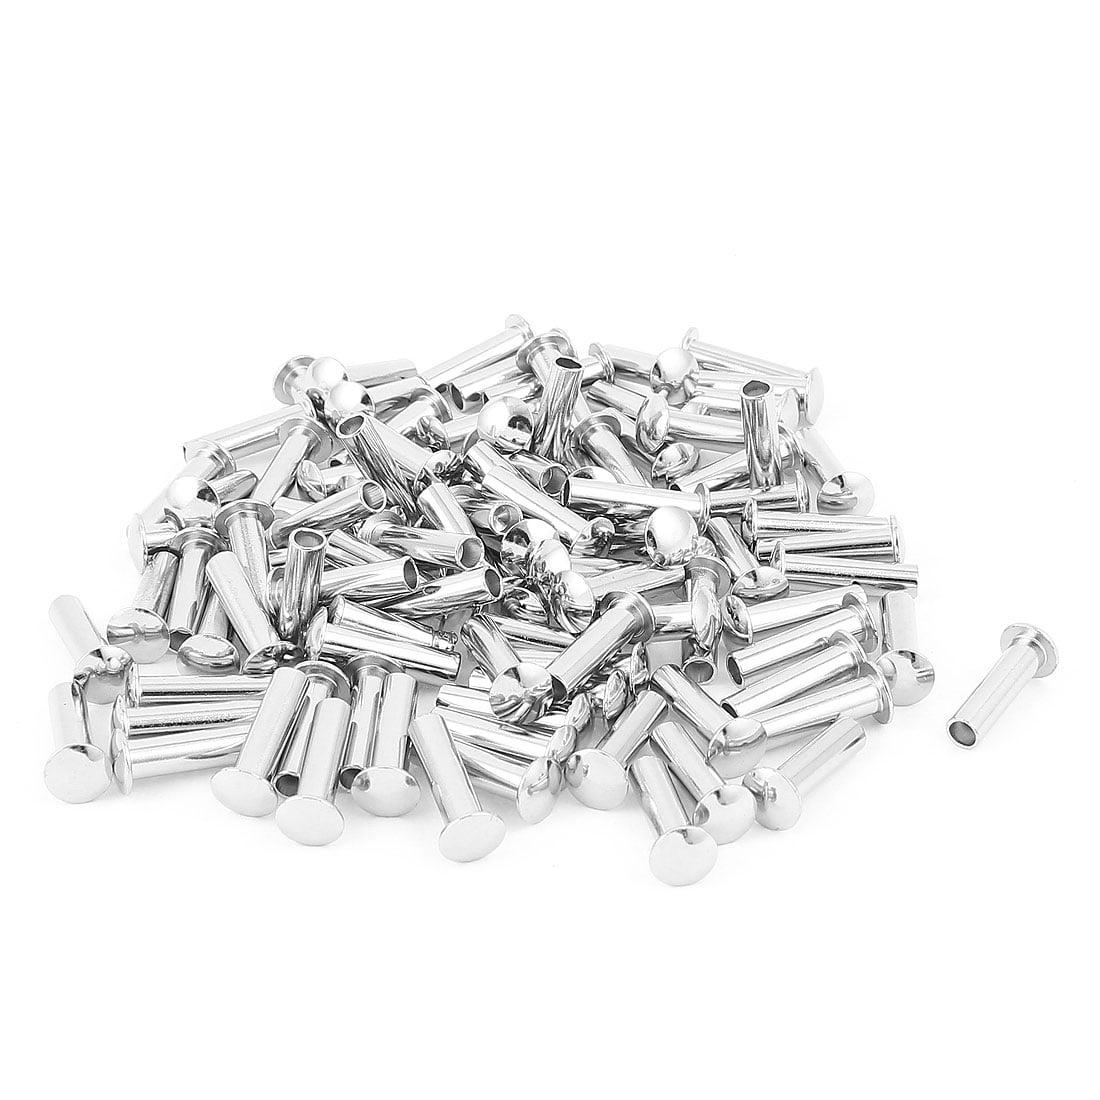 """100 Pcs 15//64/"""" x 7//8/"""" Nickel Plated Oval Head Semi Tubular Rivets Silver Tone"""